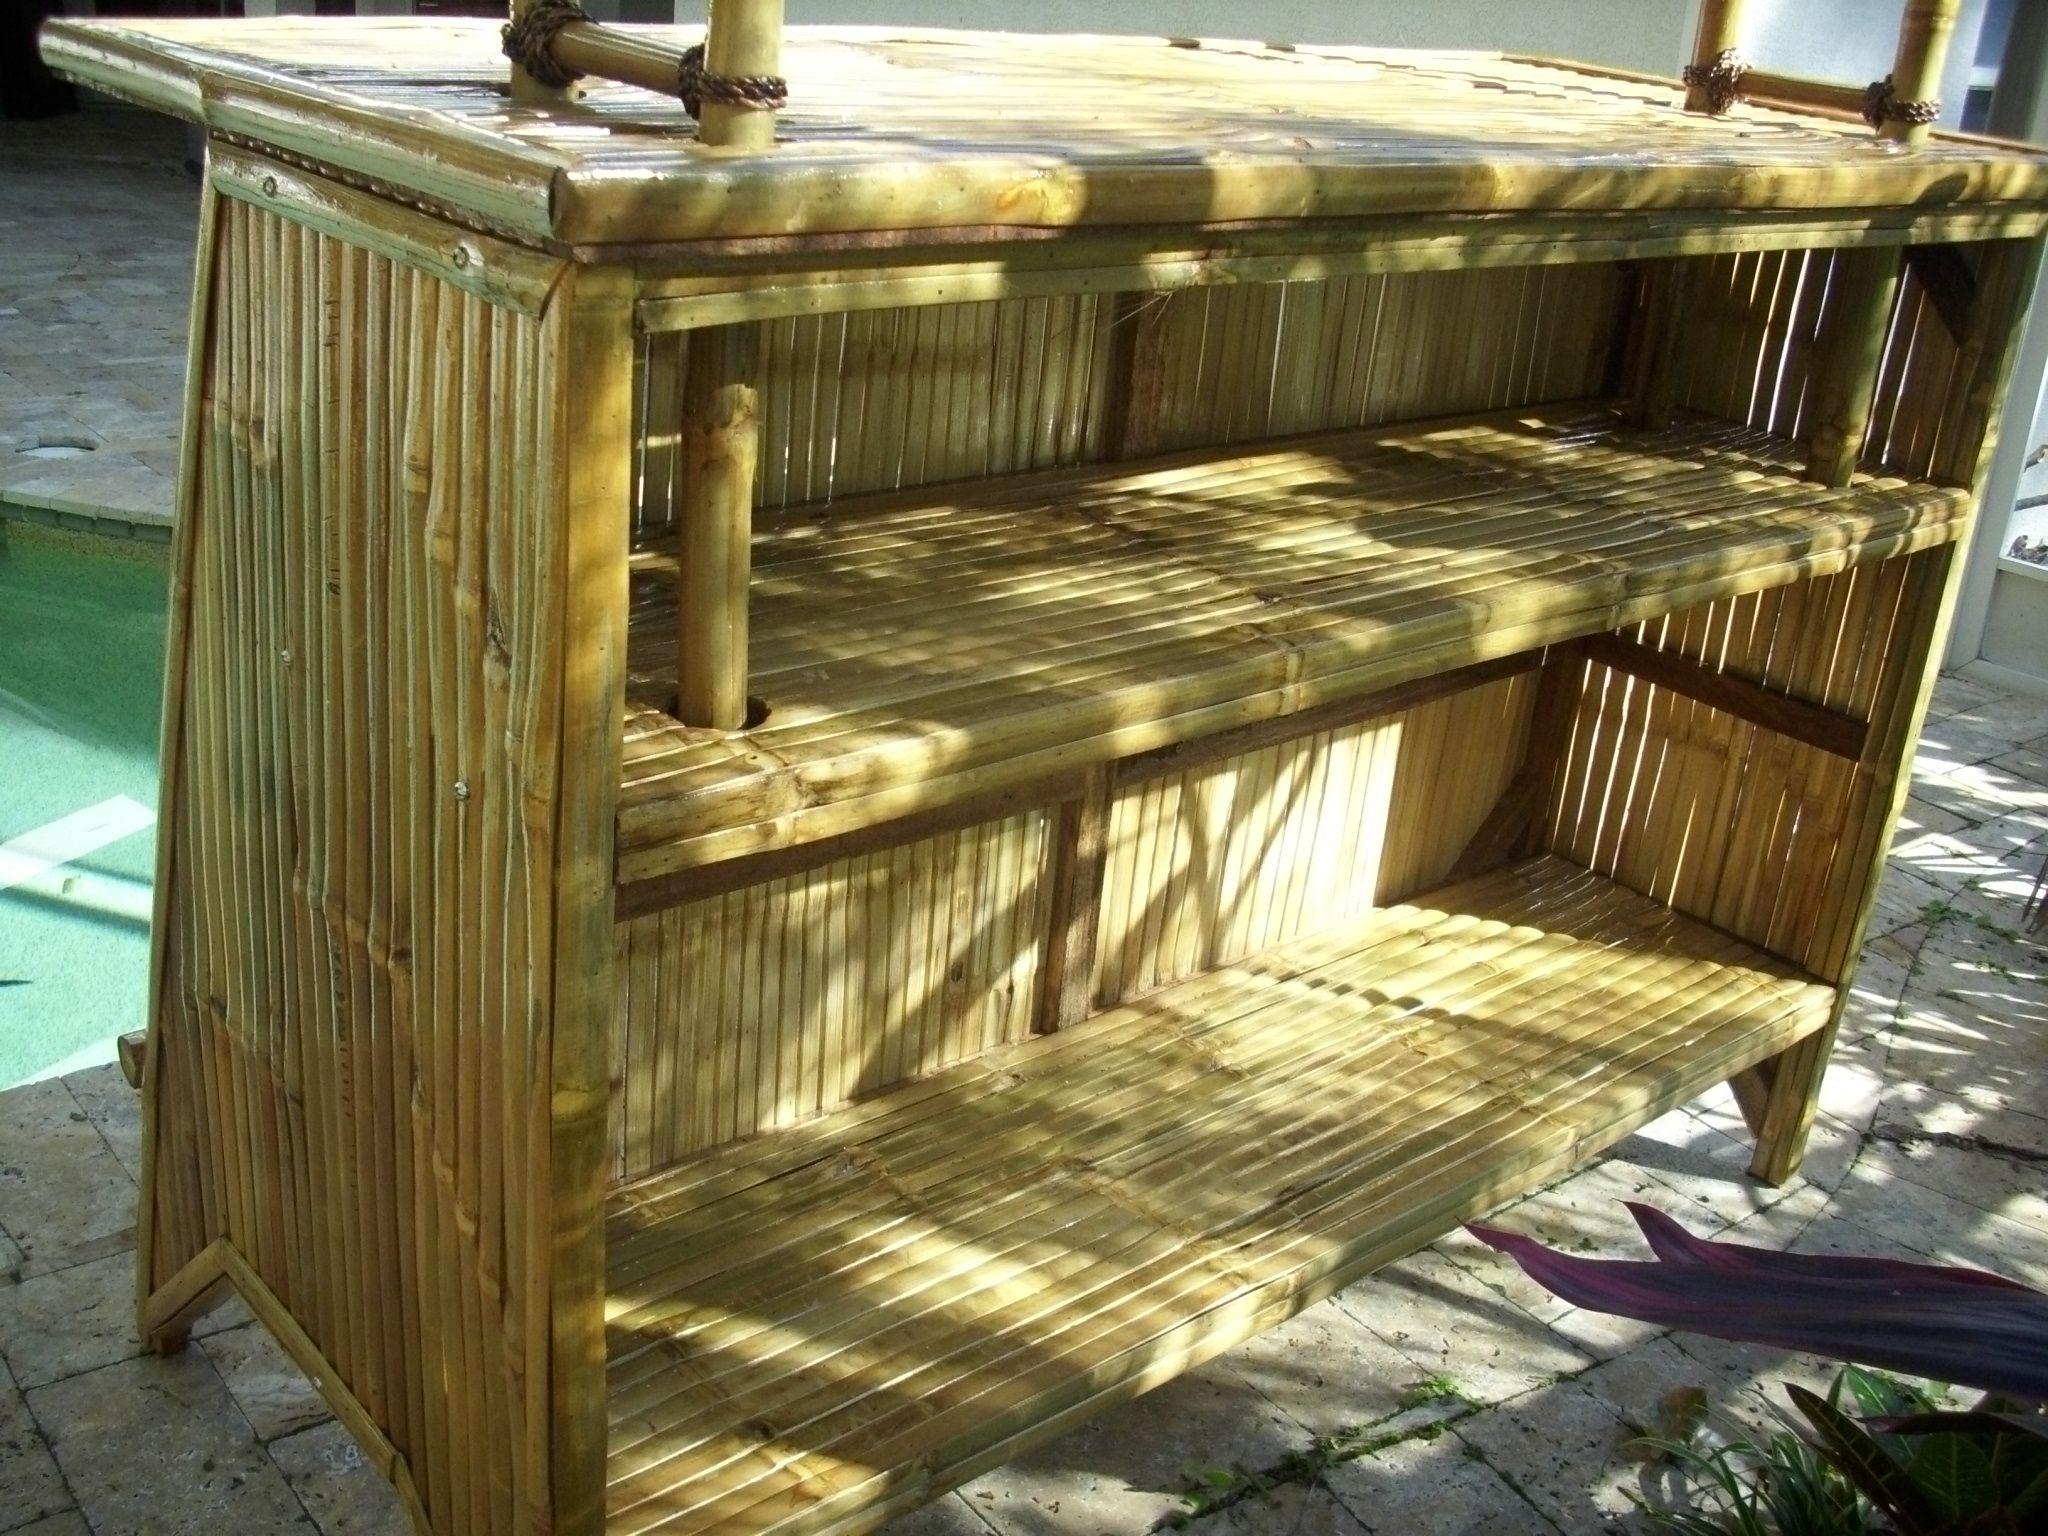 Backyard Tiki Bar | Backyard Ideas on Backyard Tiki Bar For Sale id=18599